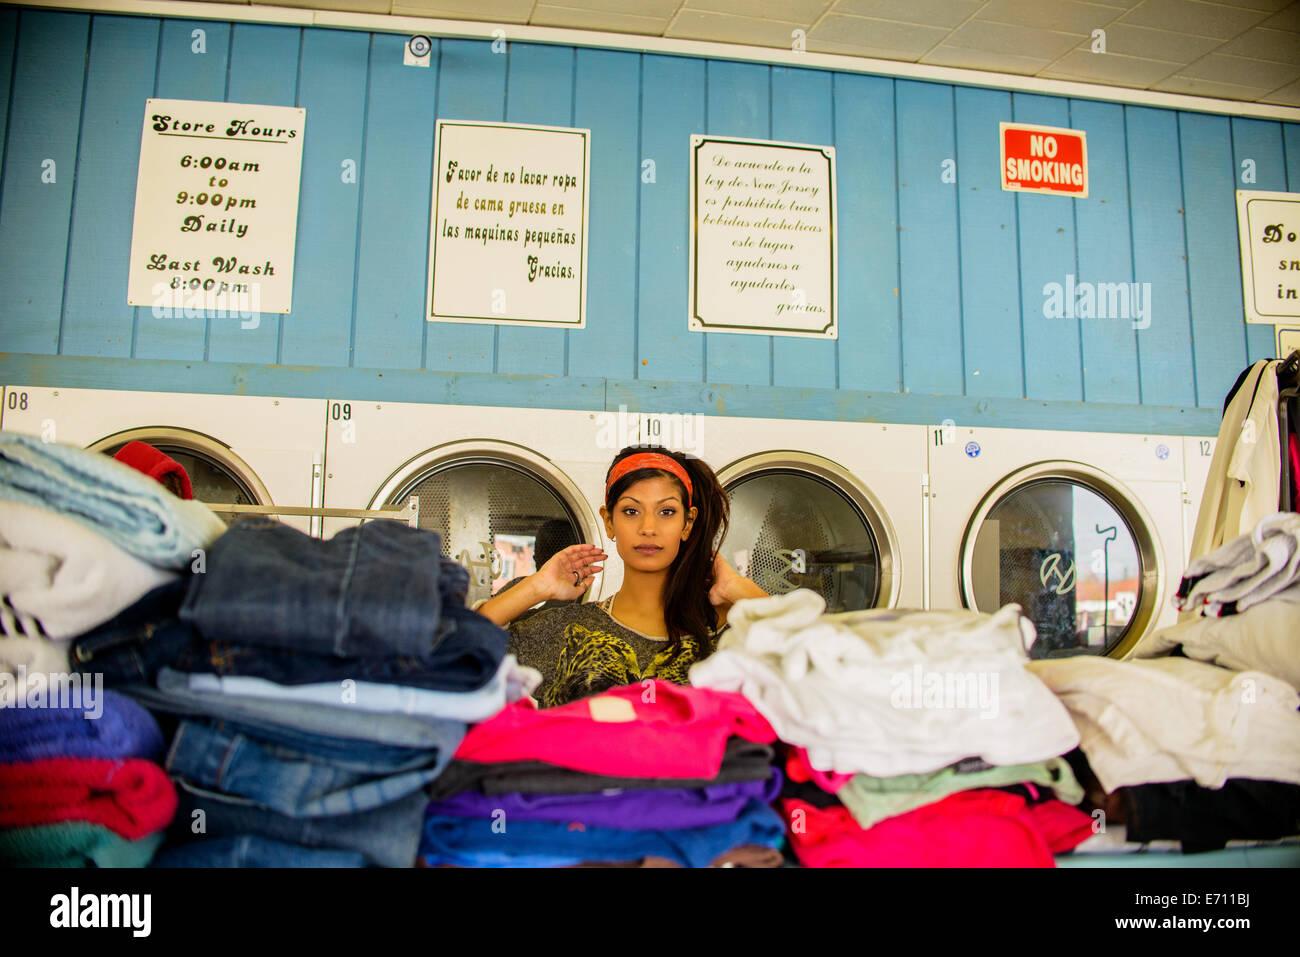 Jeune femme dans la laverie automatique, debout derrière des piles de linge Photo Stock